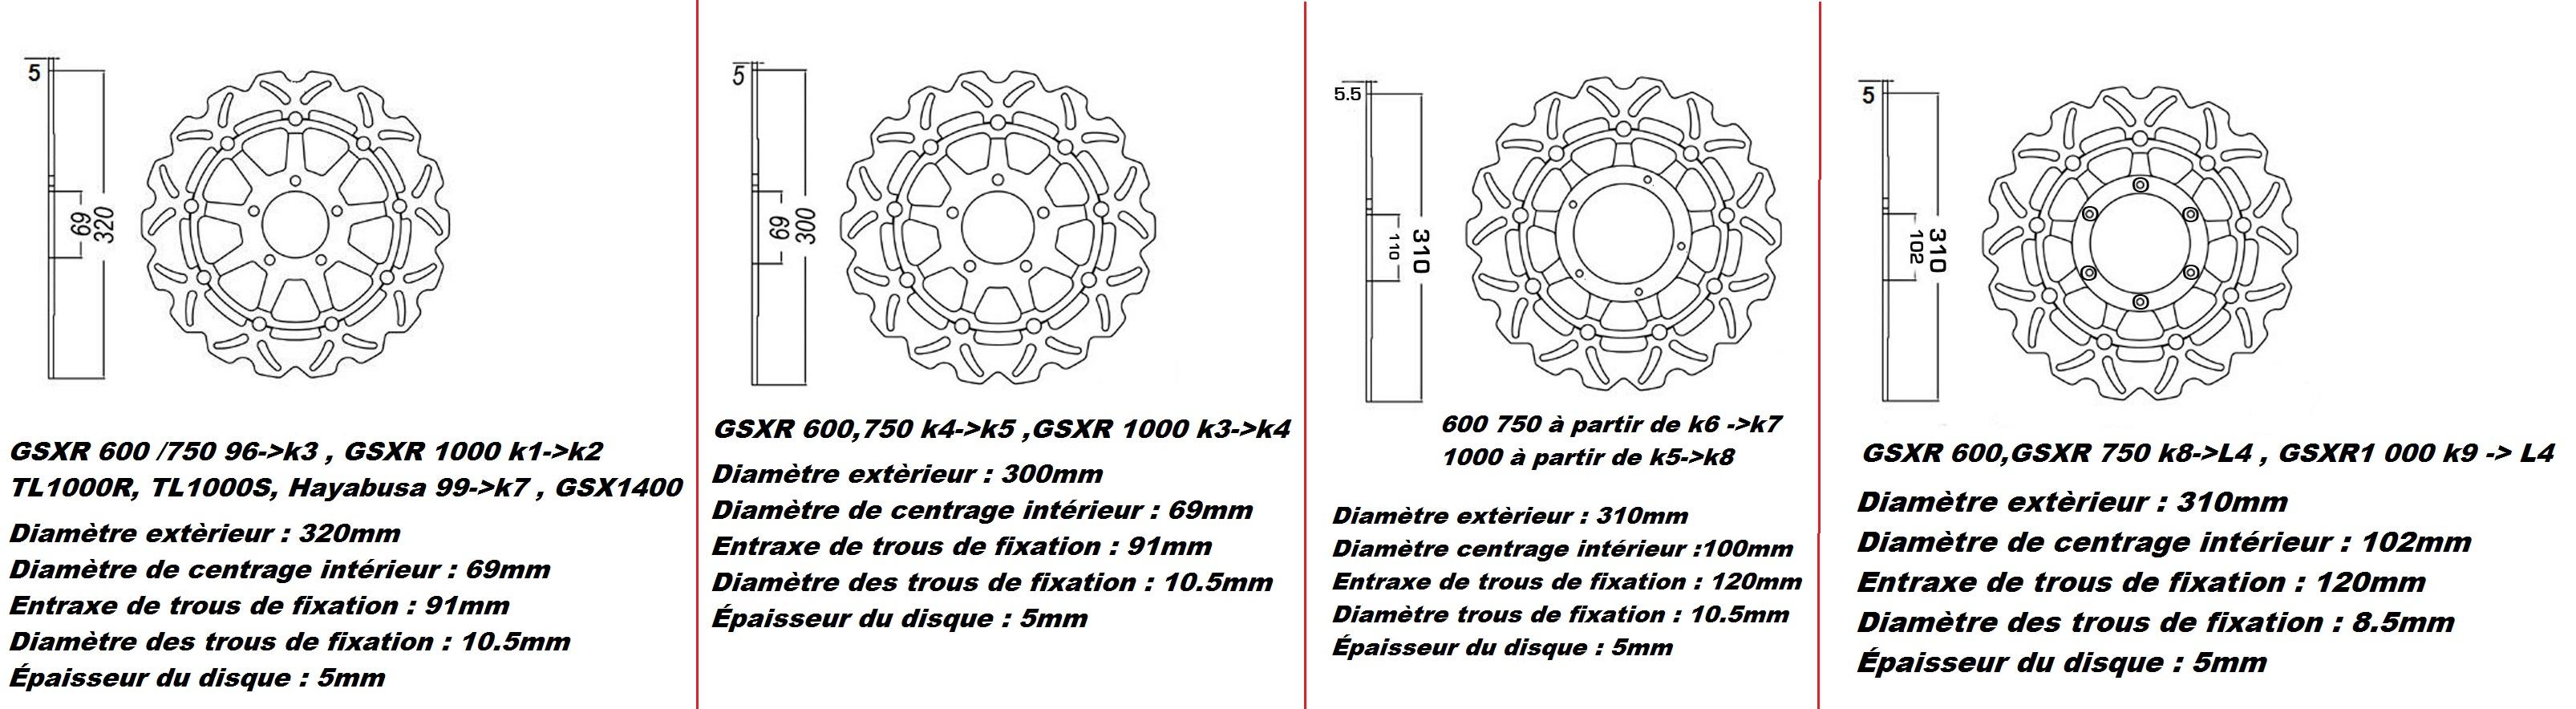 Problème de freinage 600 GSXR K3. 190125104737636400